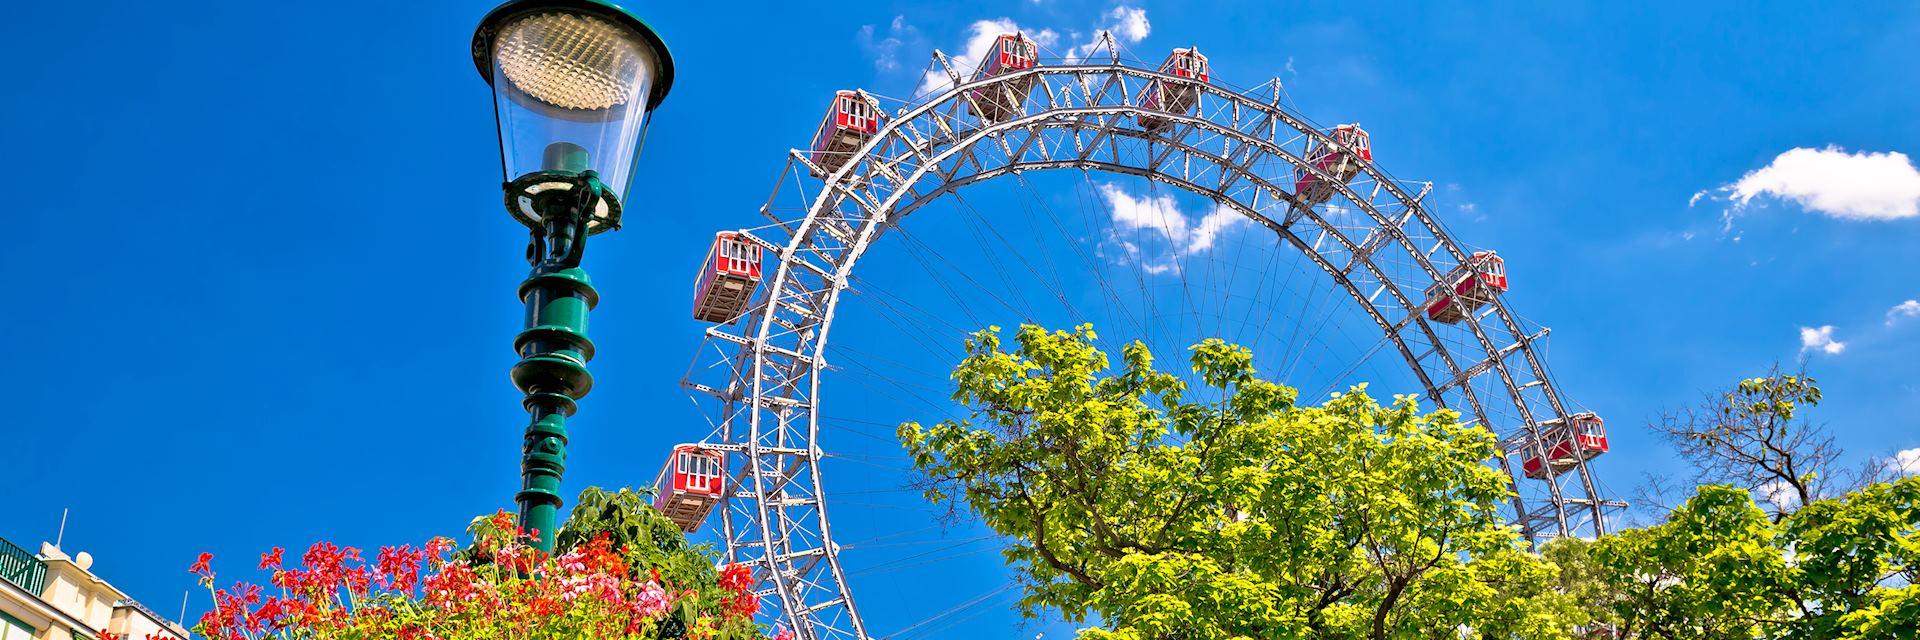 Prater Riesenrad ferris wheel in Vienna